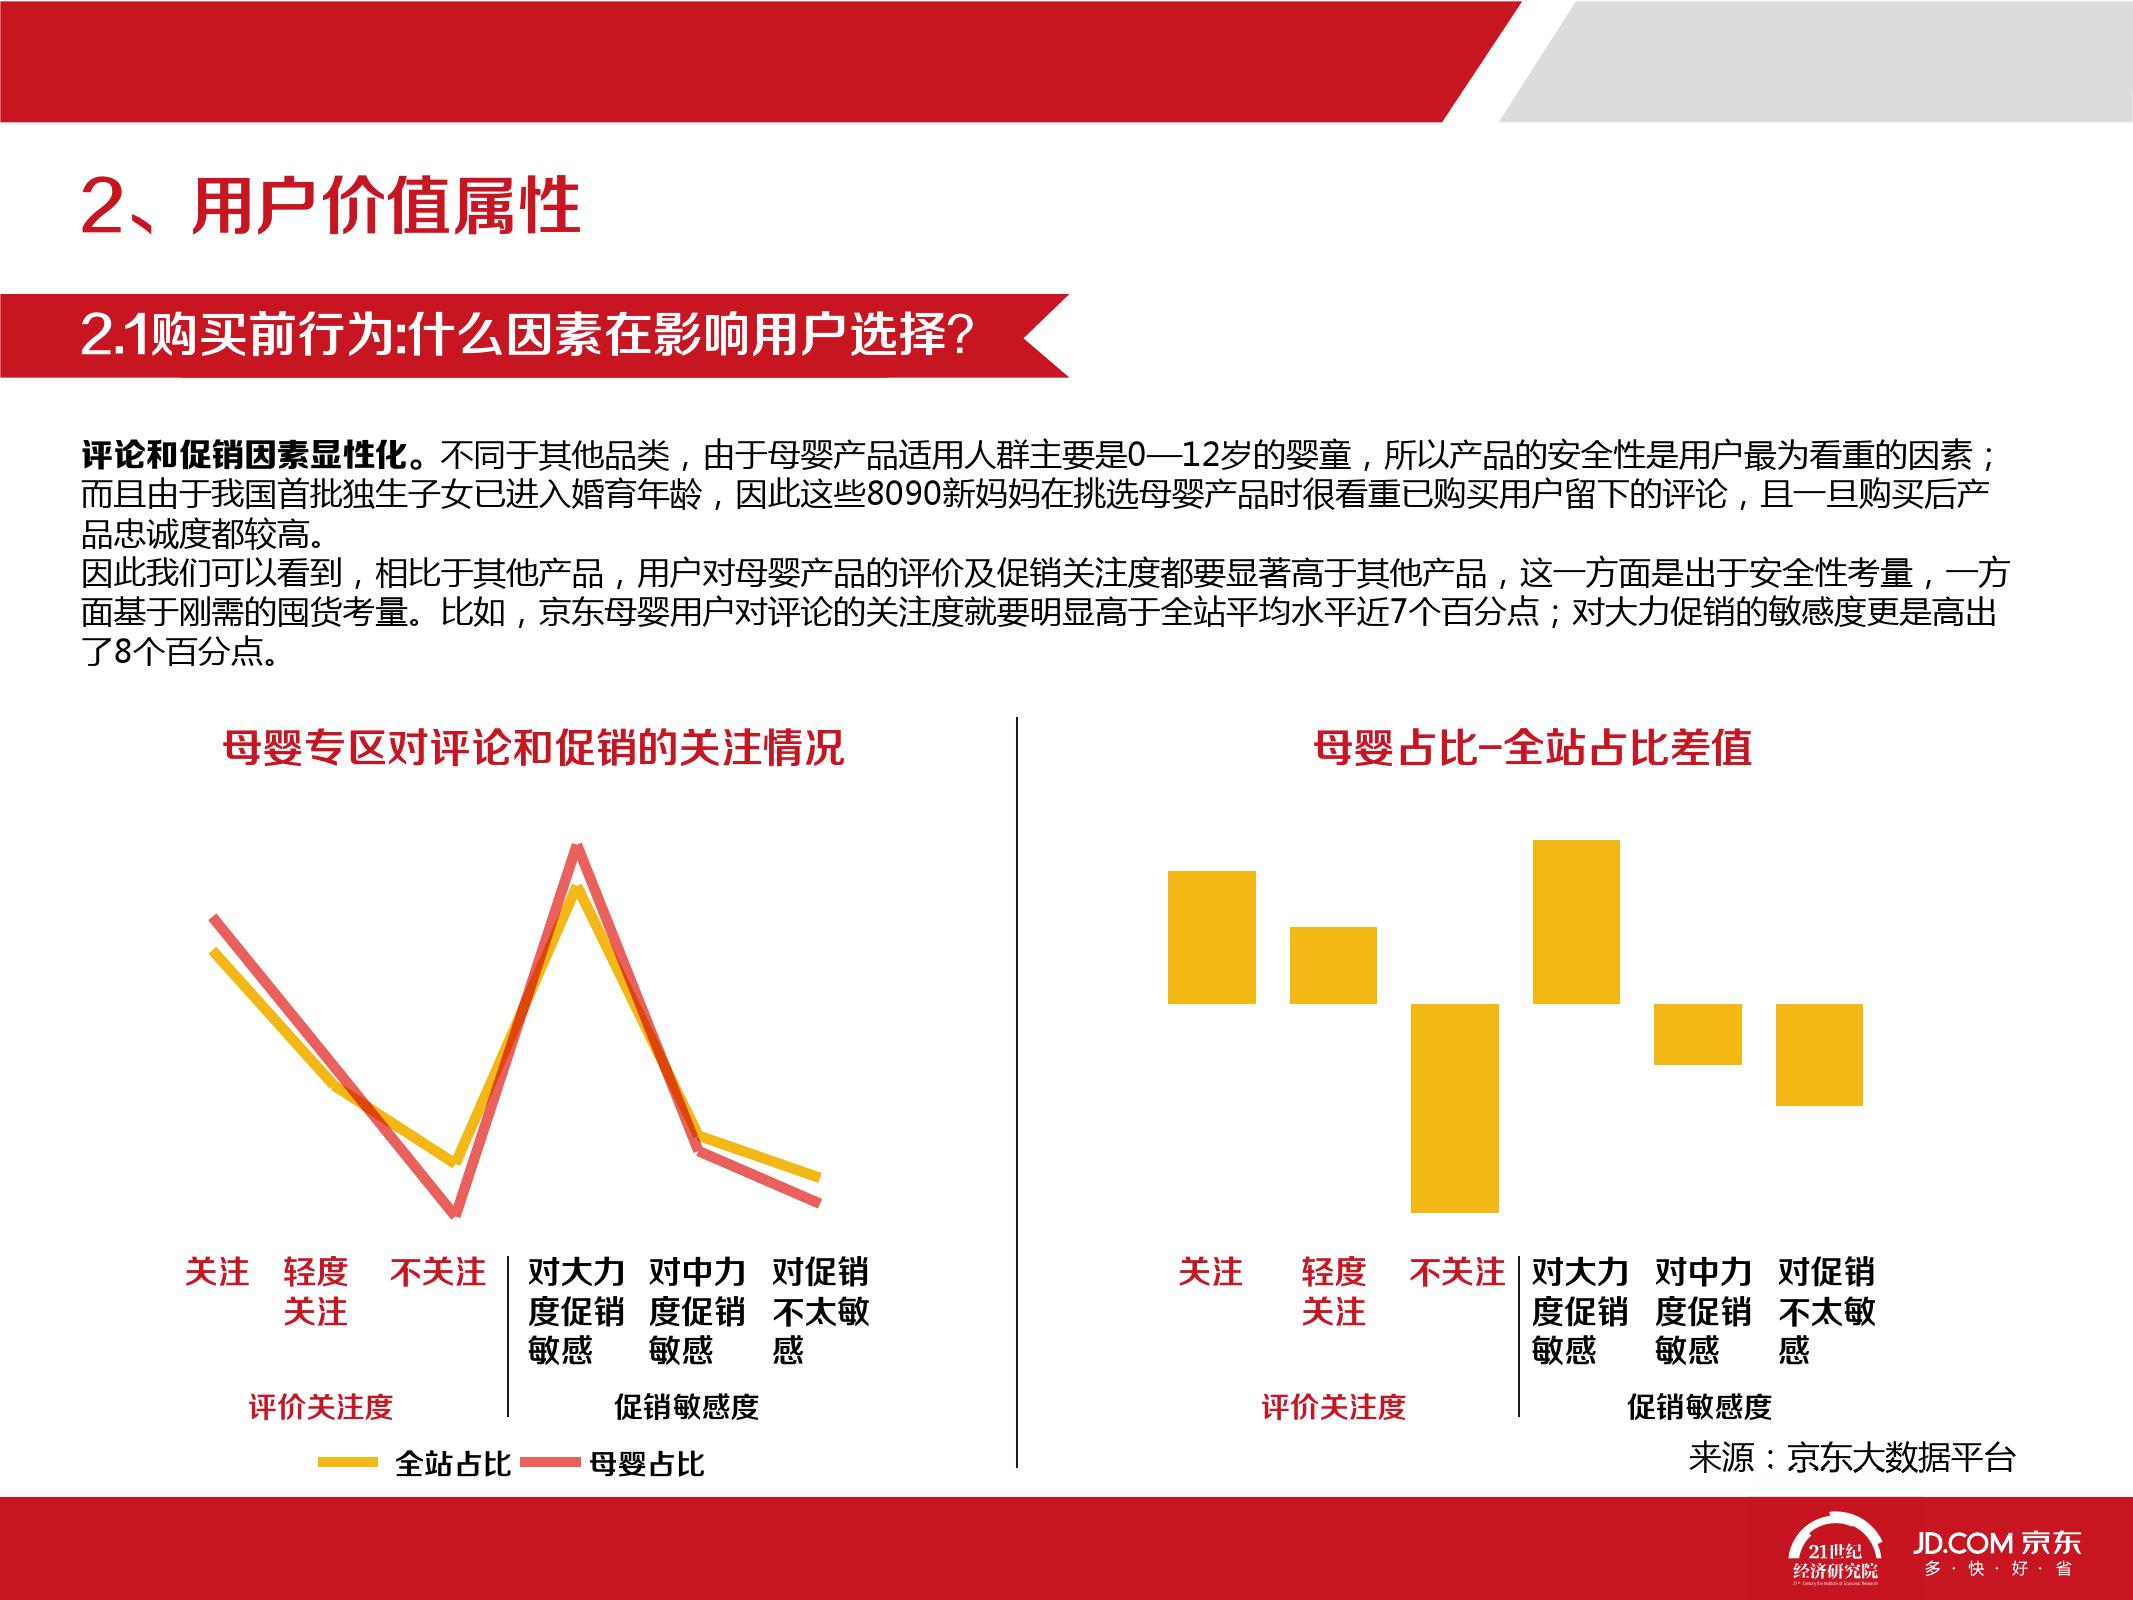 2016中国母婴产品消费趋势报告_000018